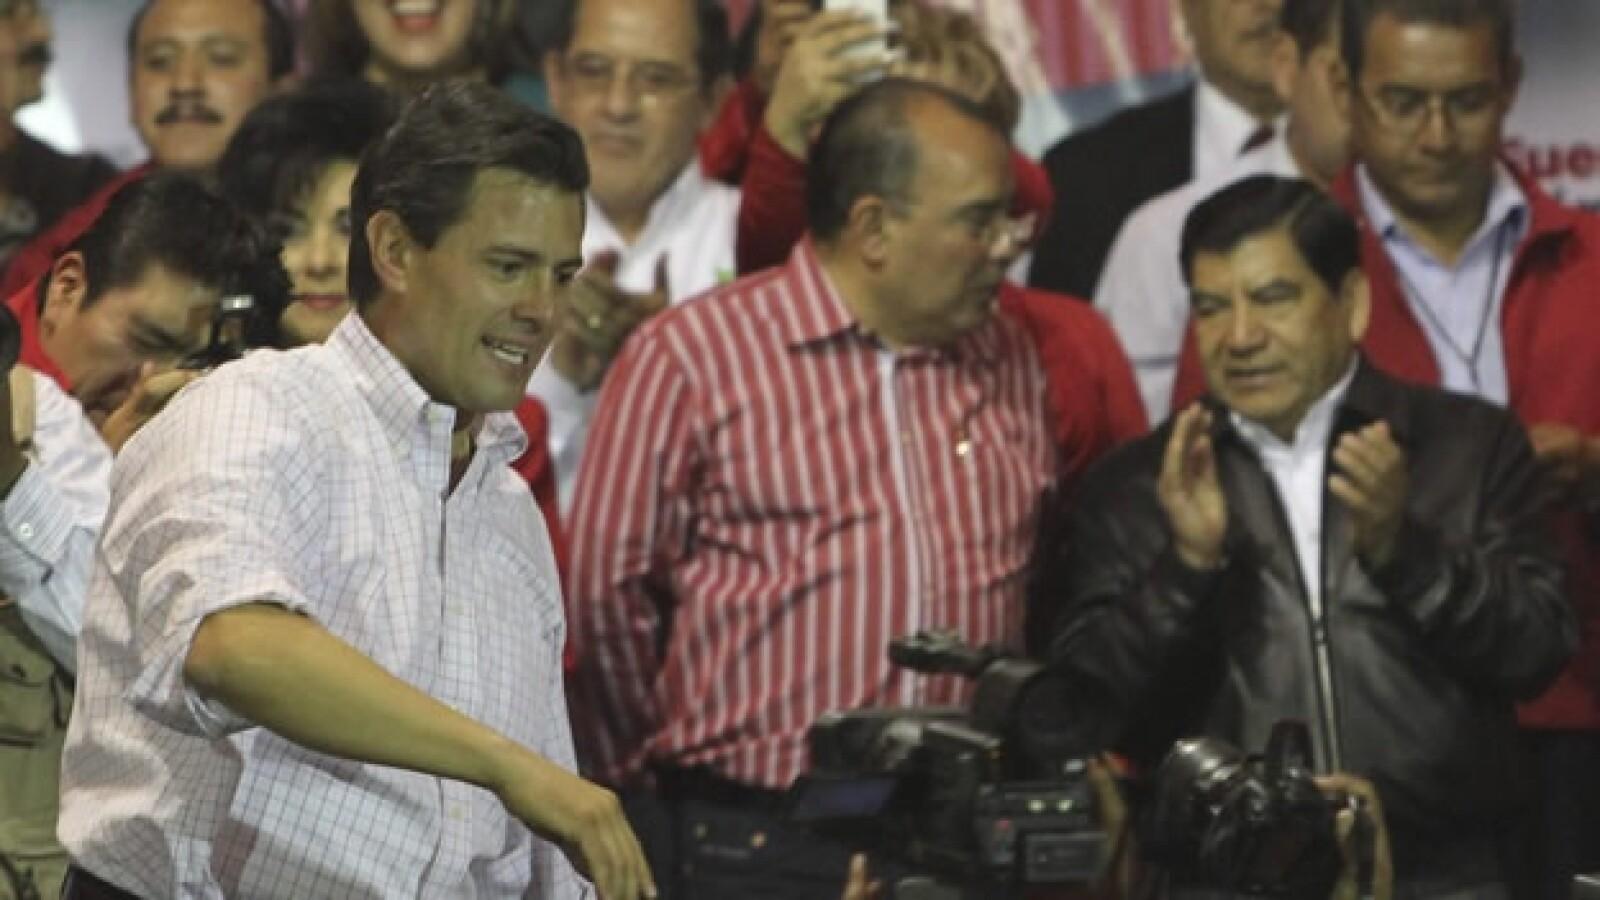 Ya como candidato, fue a Puebla, ahí estuvo Mario Marin